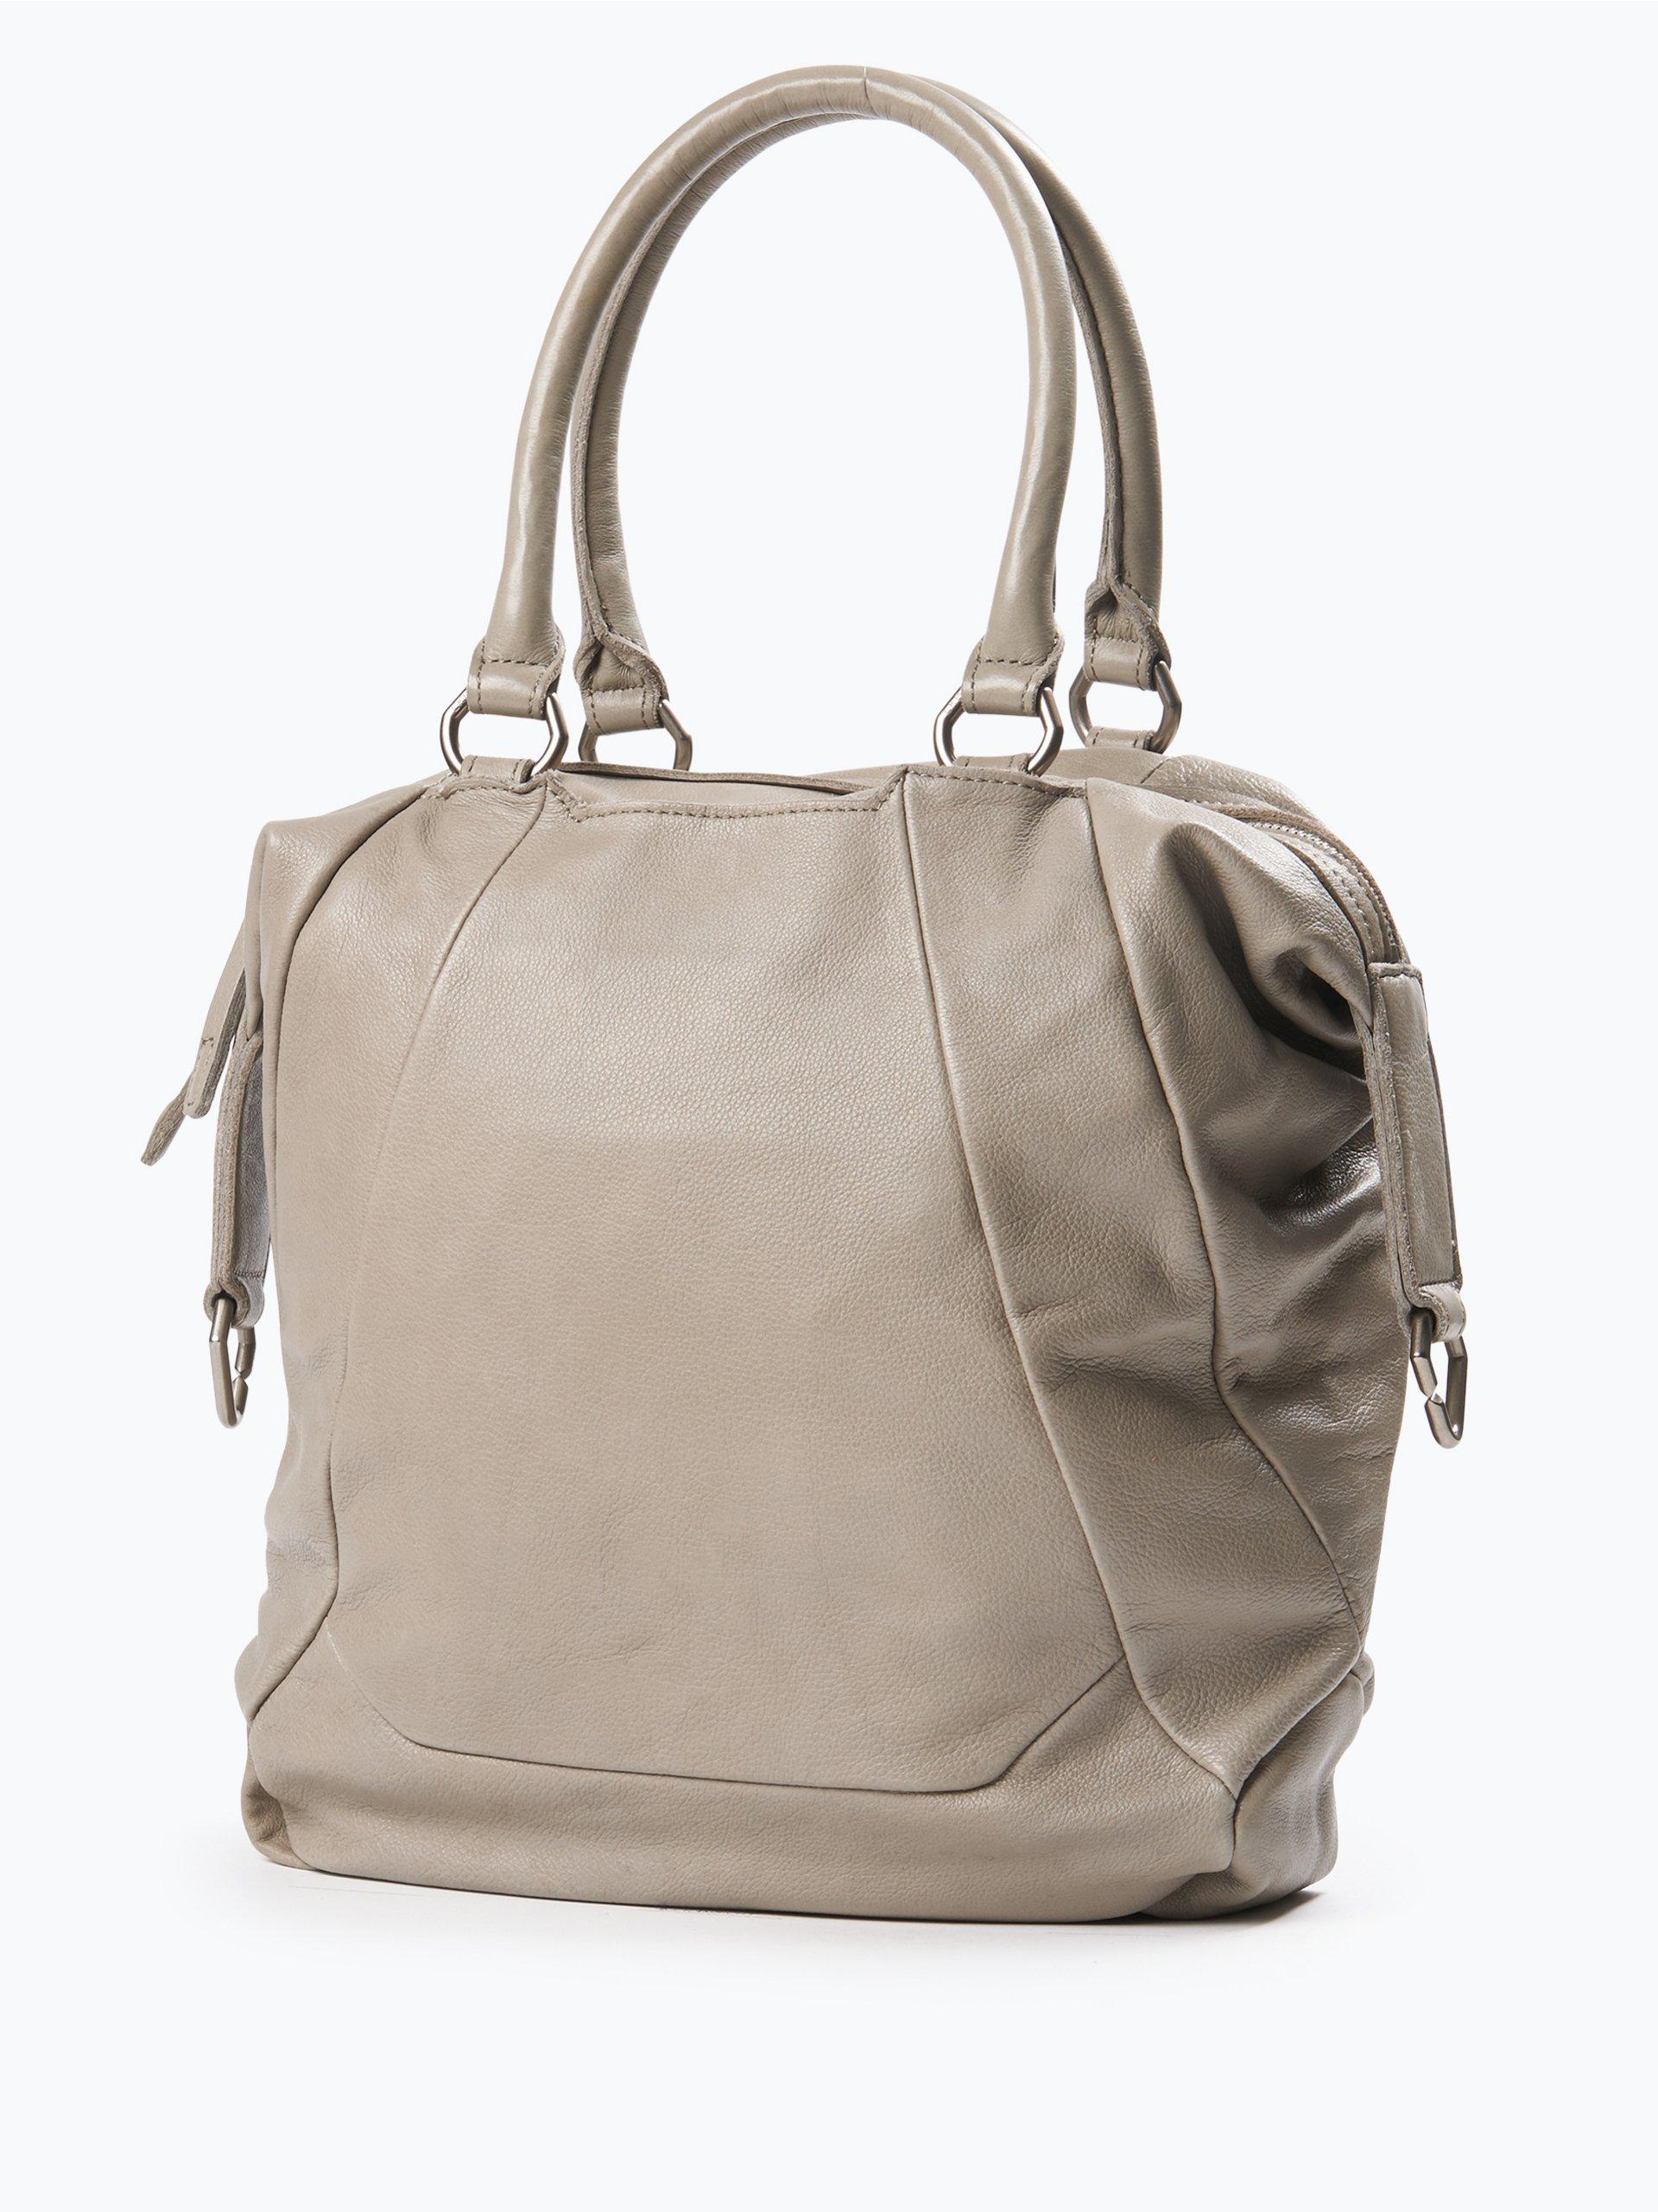 liebeskind damen handtasche aus leder bata grau uni online kaufen peek und cloppenburg de. Black Bedroom Furniture Sets. Home Design Ideas